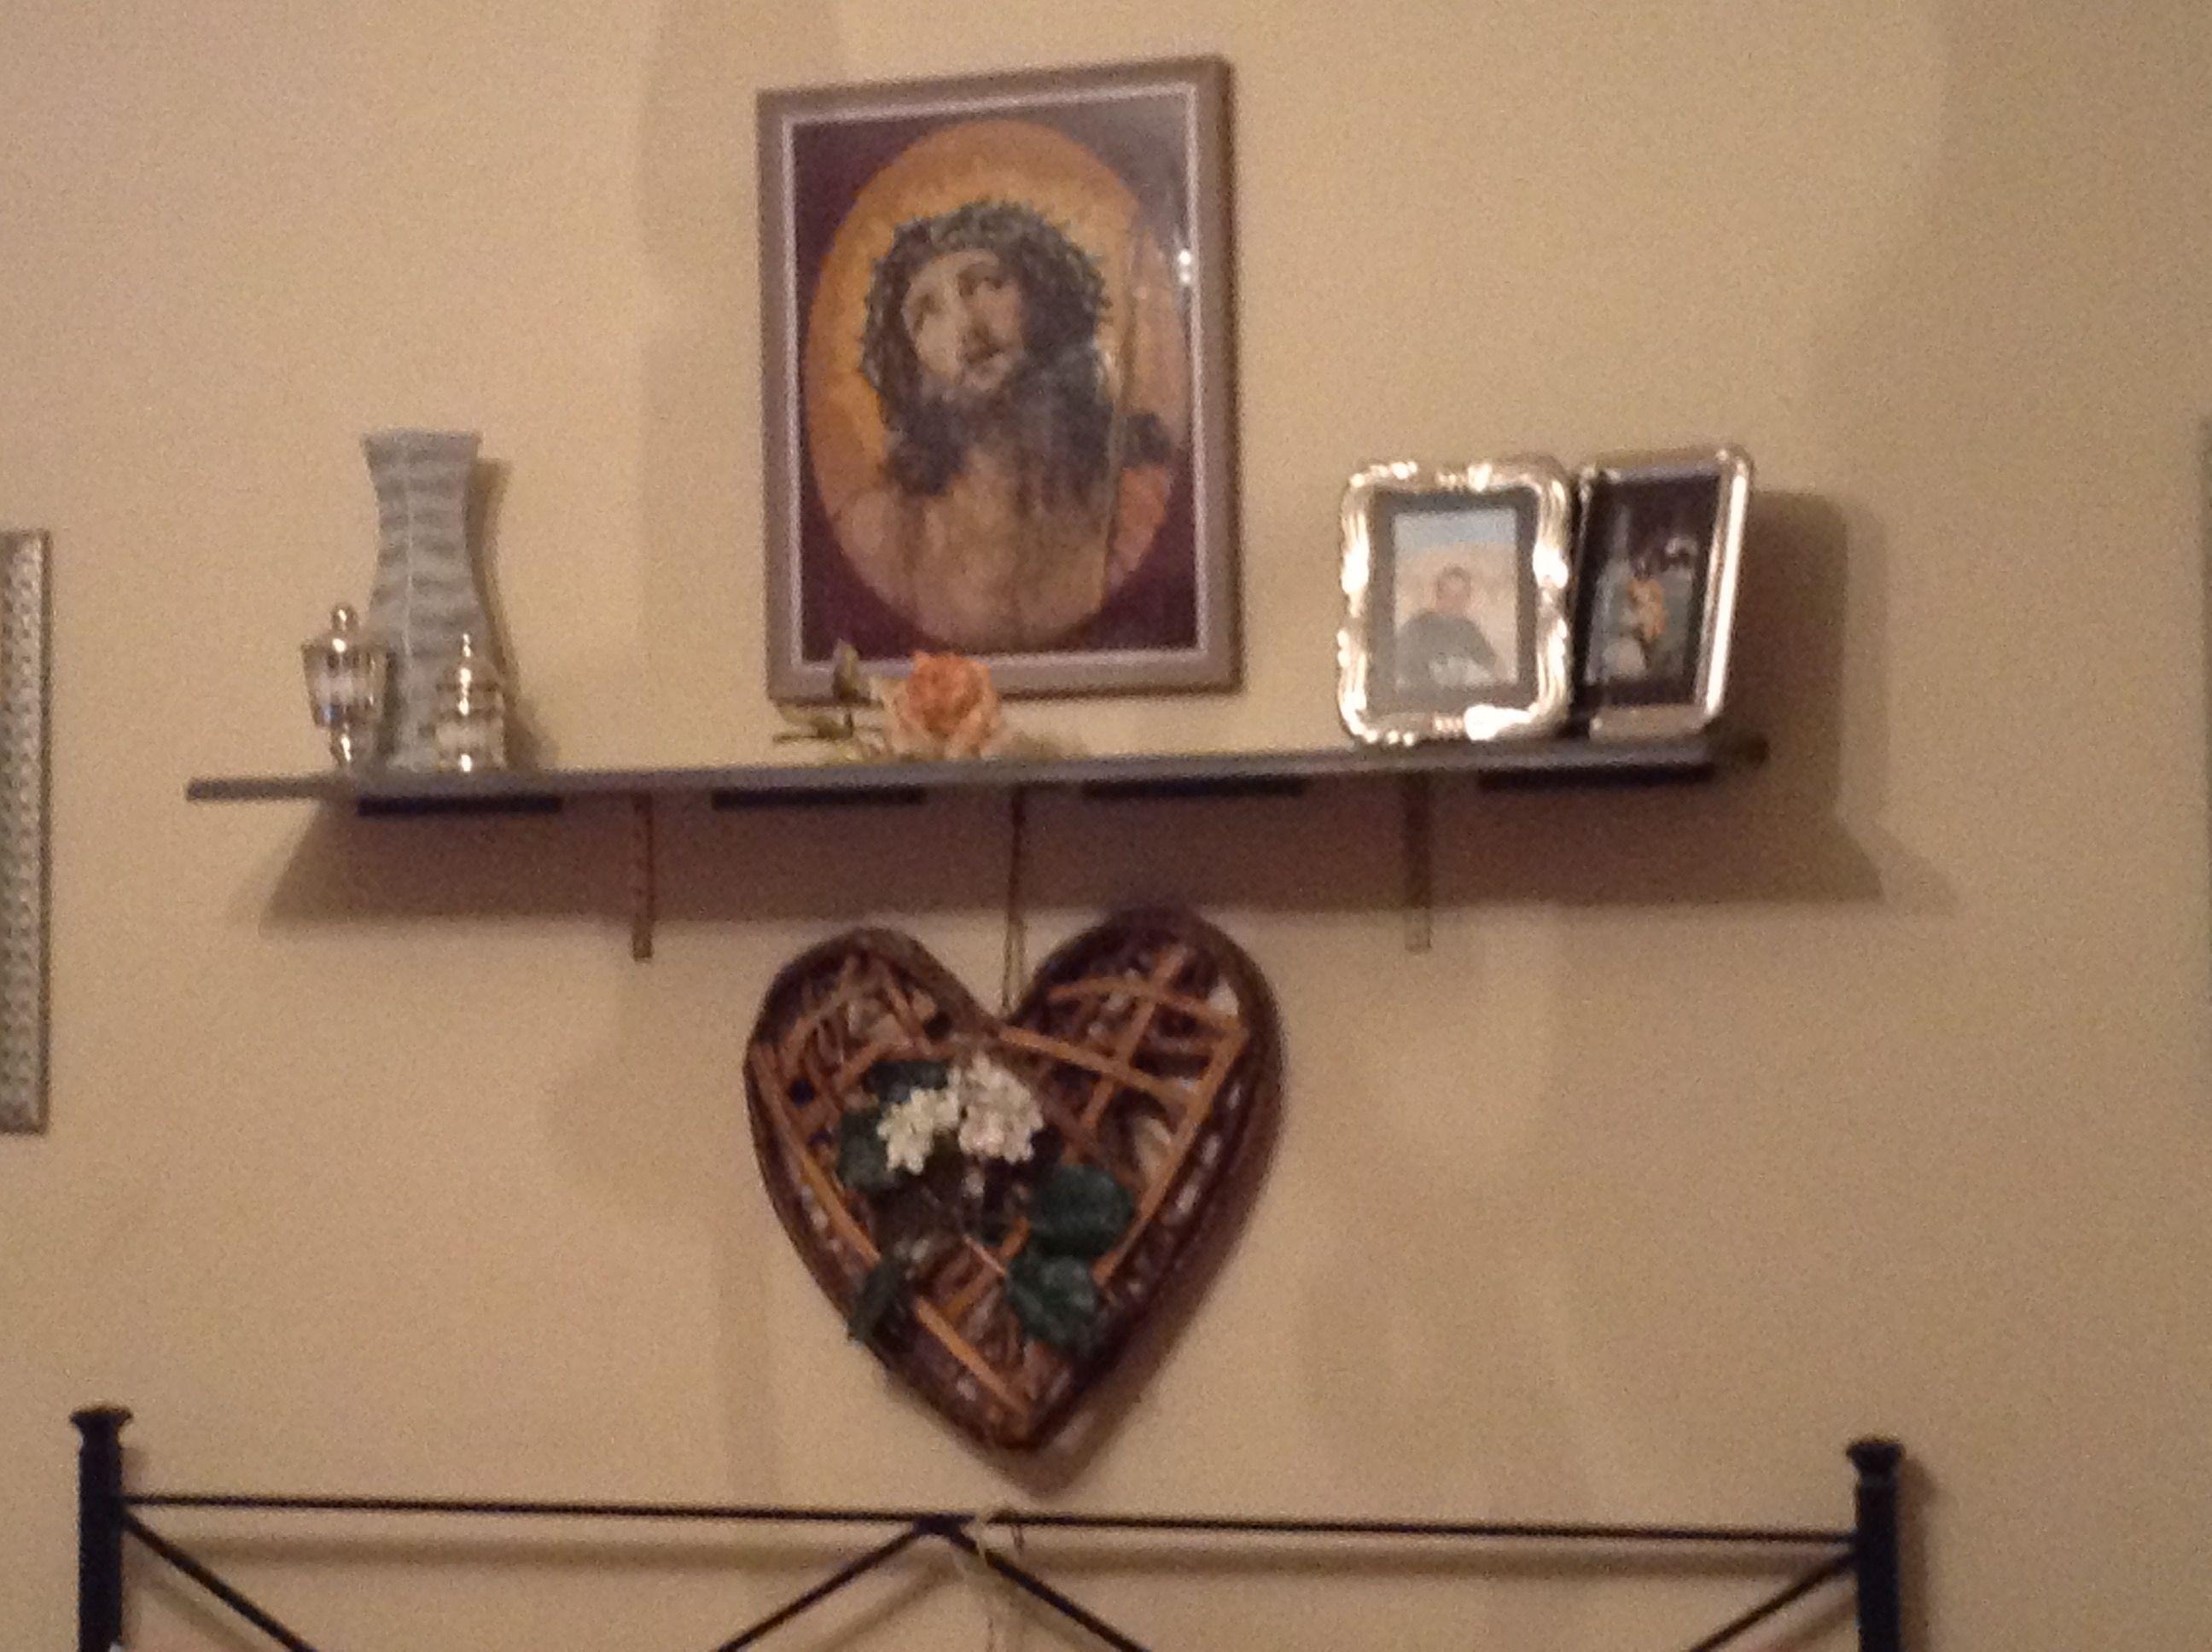 Aggiunto una mensola sopra il letto per mettere il cristo for Mensola sopra letto